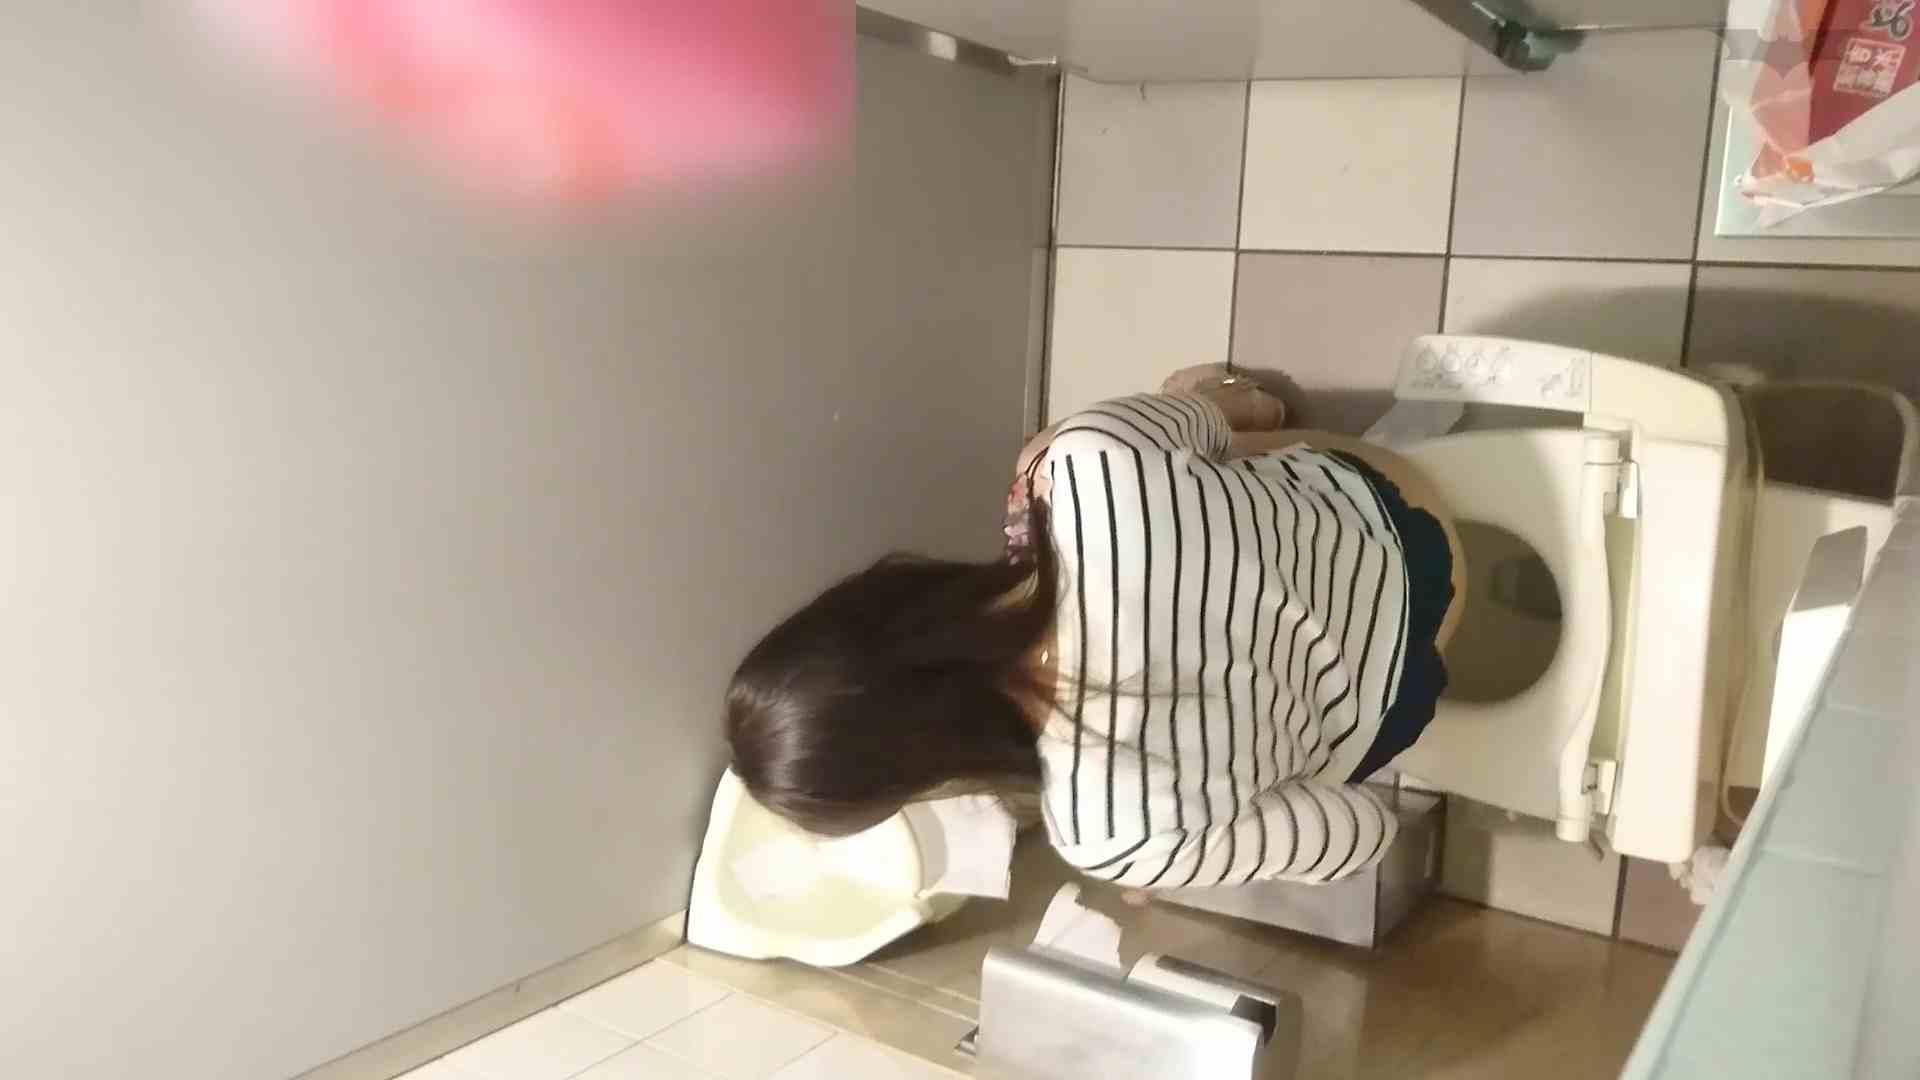 化粧室絵巻 ショッピングモール編 VOL.24 ギャル達 すけべAV動画紹介 109枚 38